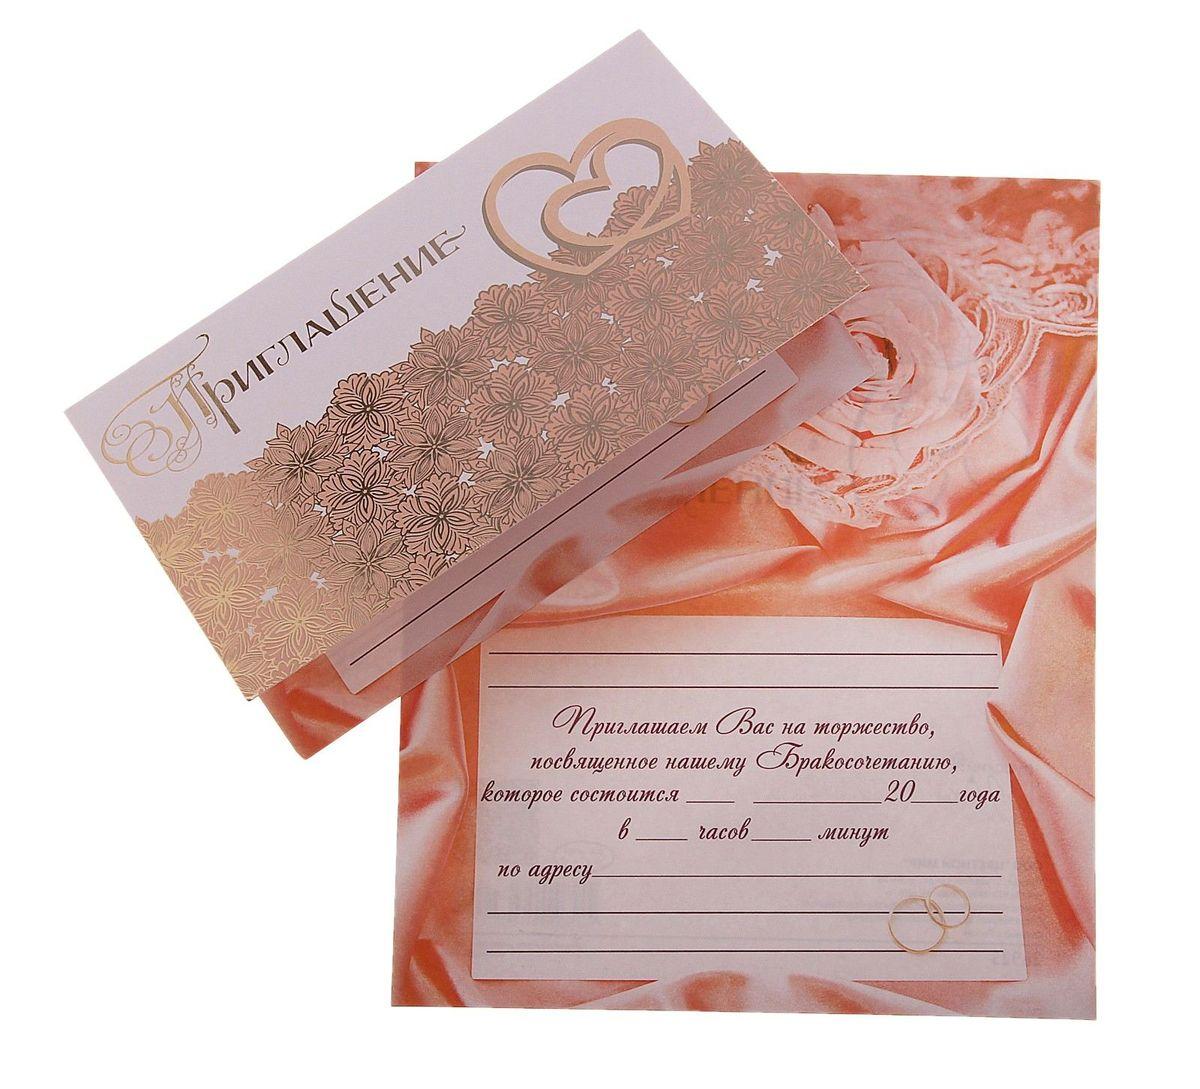 Приглашение на свадьбу Русский дизайн Желтые цветы, 15 х 10 см773689Красивая свадебная пригласительная открытка станет незаменимым атрибутом подготовки к предстоящему торжеству и позволит объявить самым дорогим вам людям о важном событии в вашей жизни. Приглашение на свадьбу Русский дизайн Желтые цветы, выполненное изкартона, отличается не только оригинальным дизайном, но и высоким качеством. Внутри - текстприглашения. Вам остается заполнить необходимые строки и раздать гостям.Устройте себе незабываемую свадьбу! Размер: 15 х 10 см.